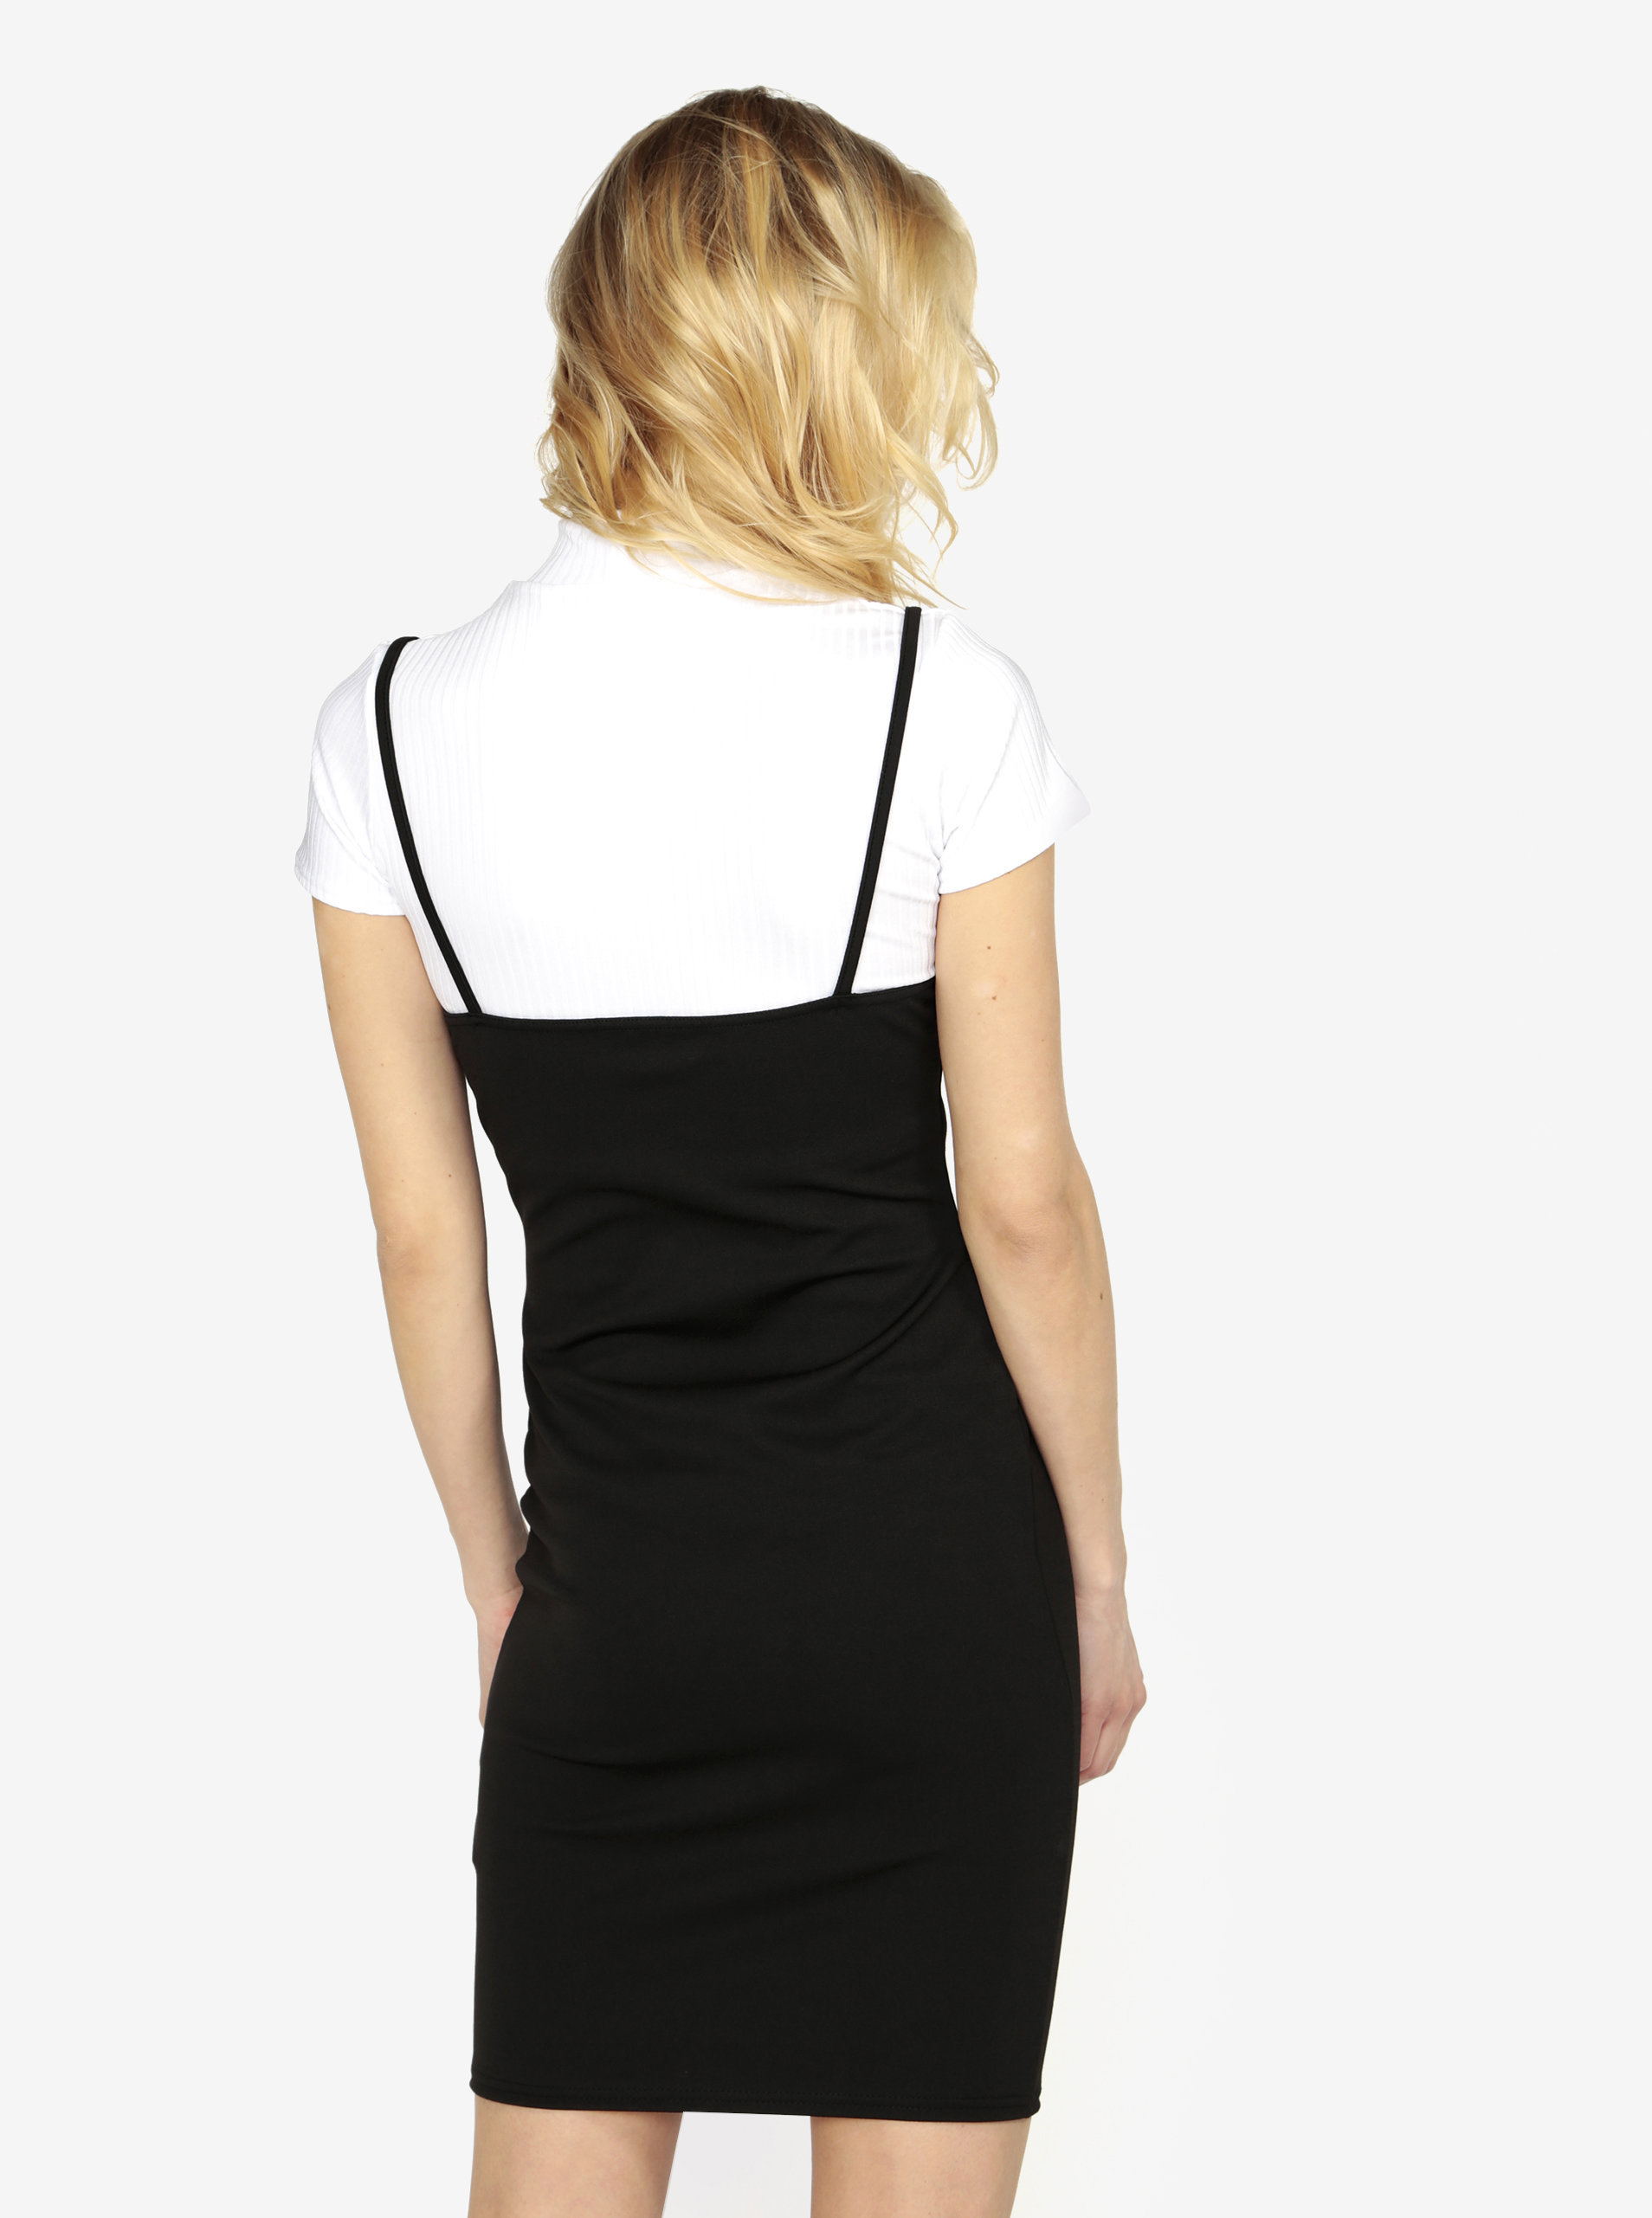 Černé šaty s žebrovaným crop topem 2v1 MISSGUIDED Barbie ... a1c5607898